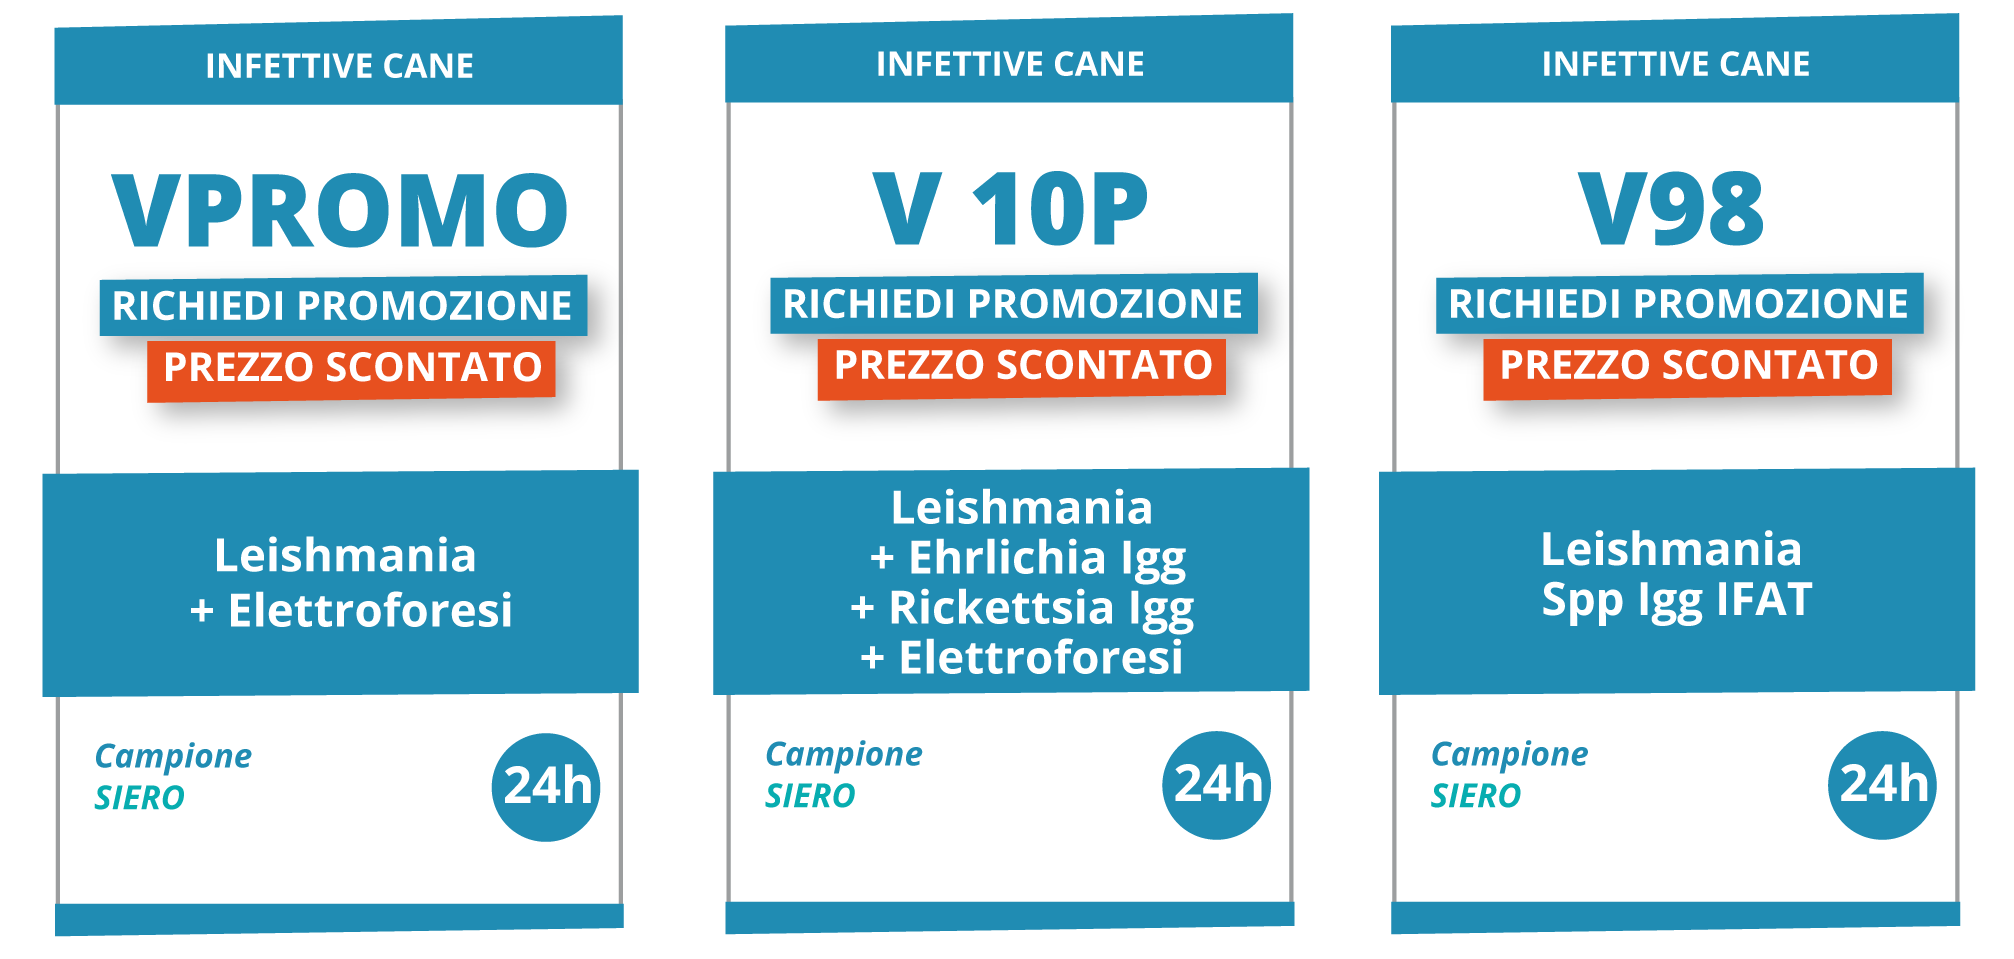 promozione-cani-malattie-infettive-2020